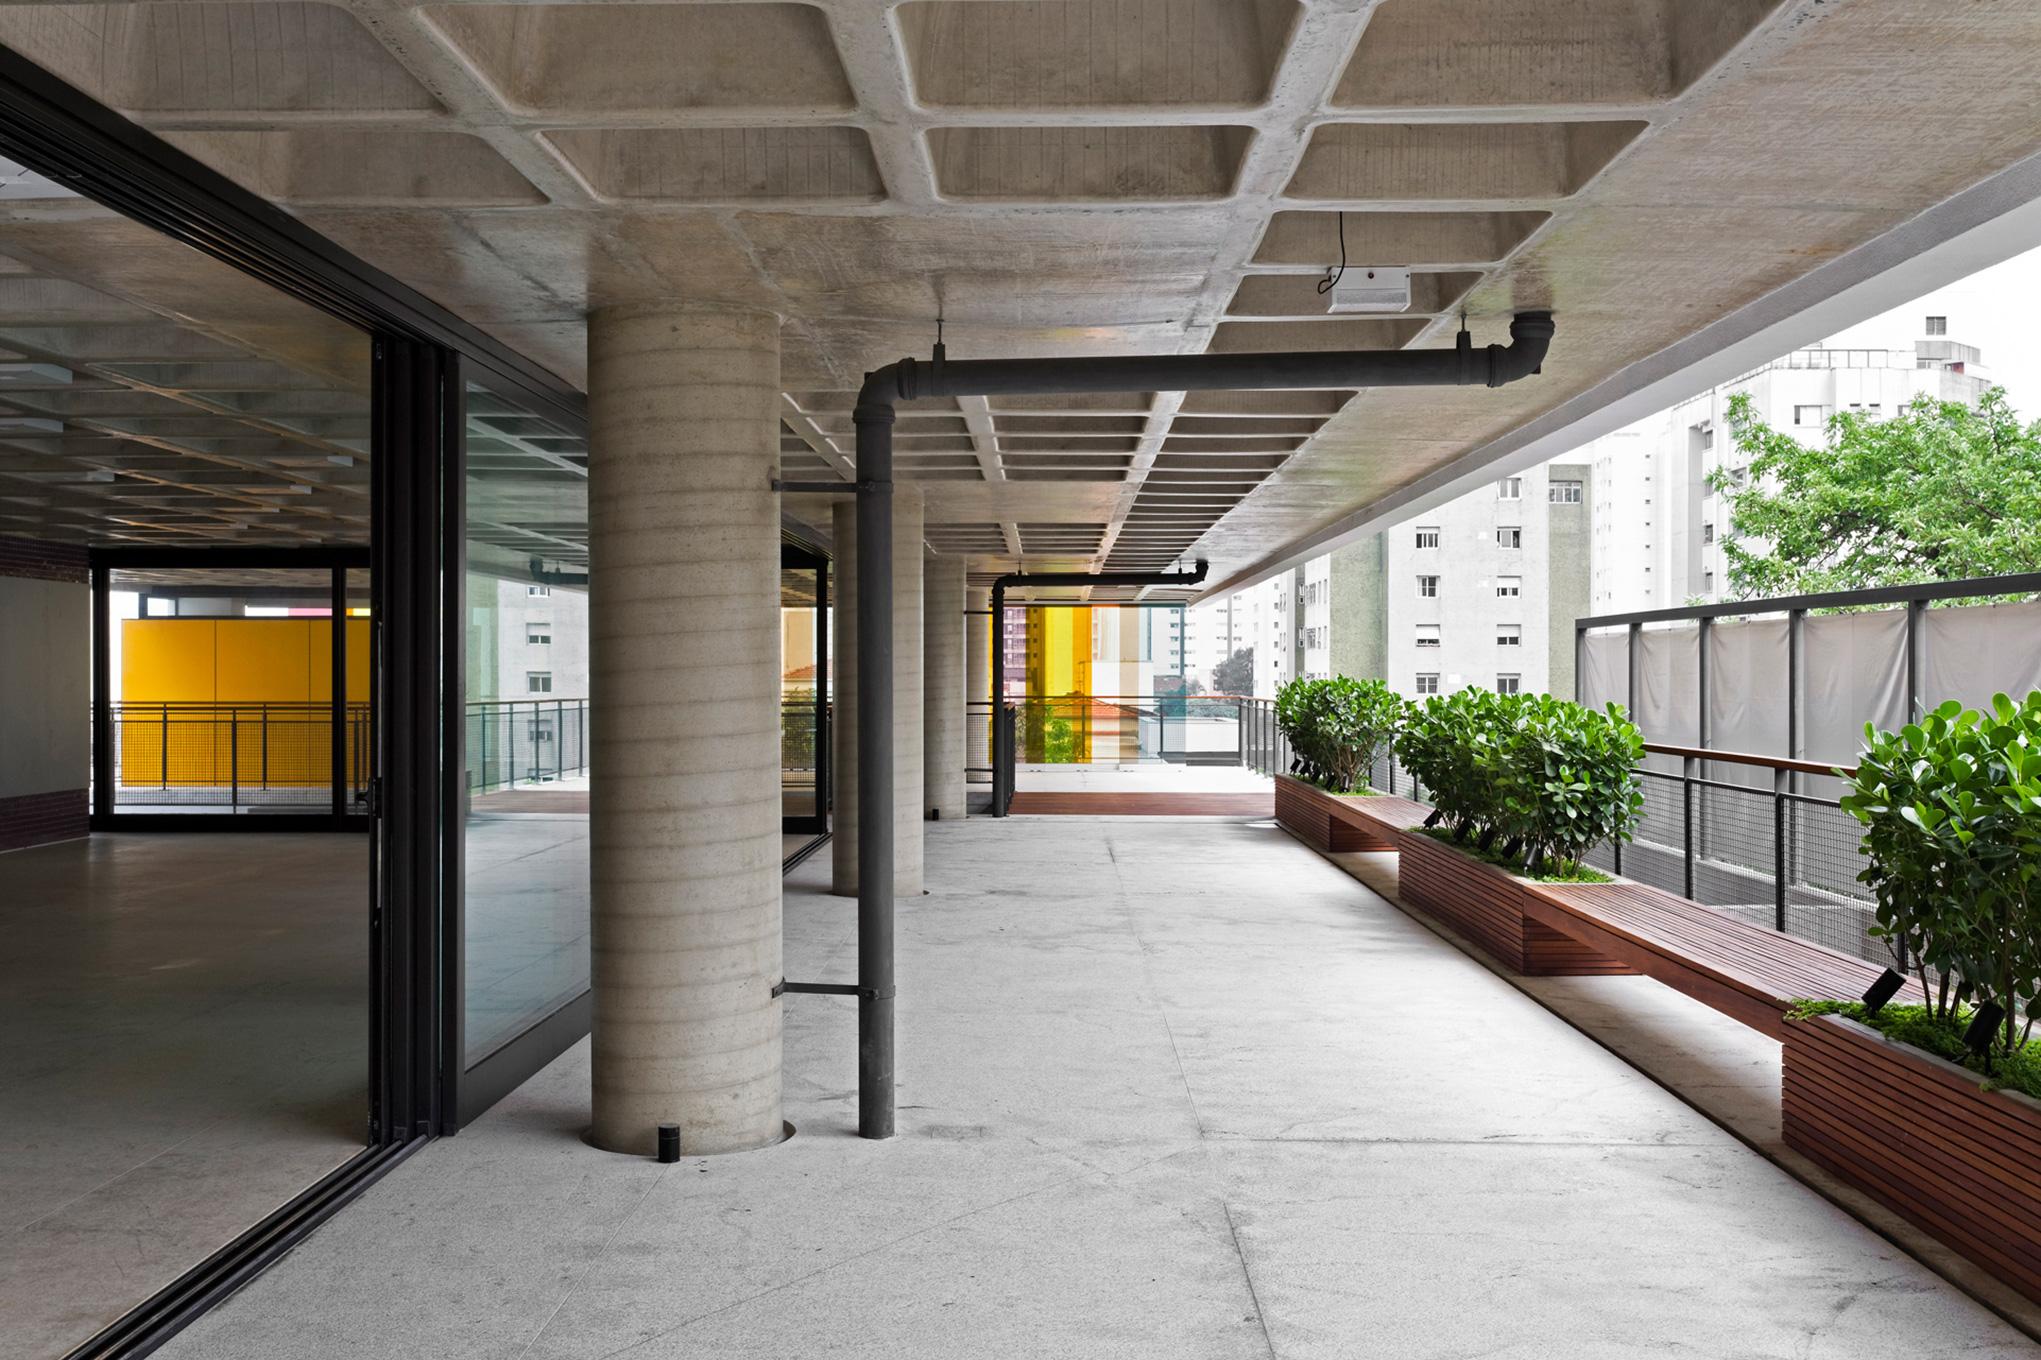 gui-mattos-2012-edificio-bruxelas-02.jpg